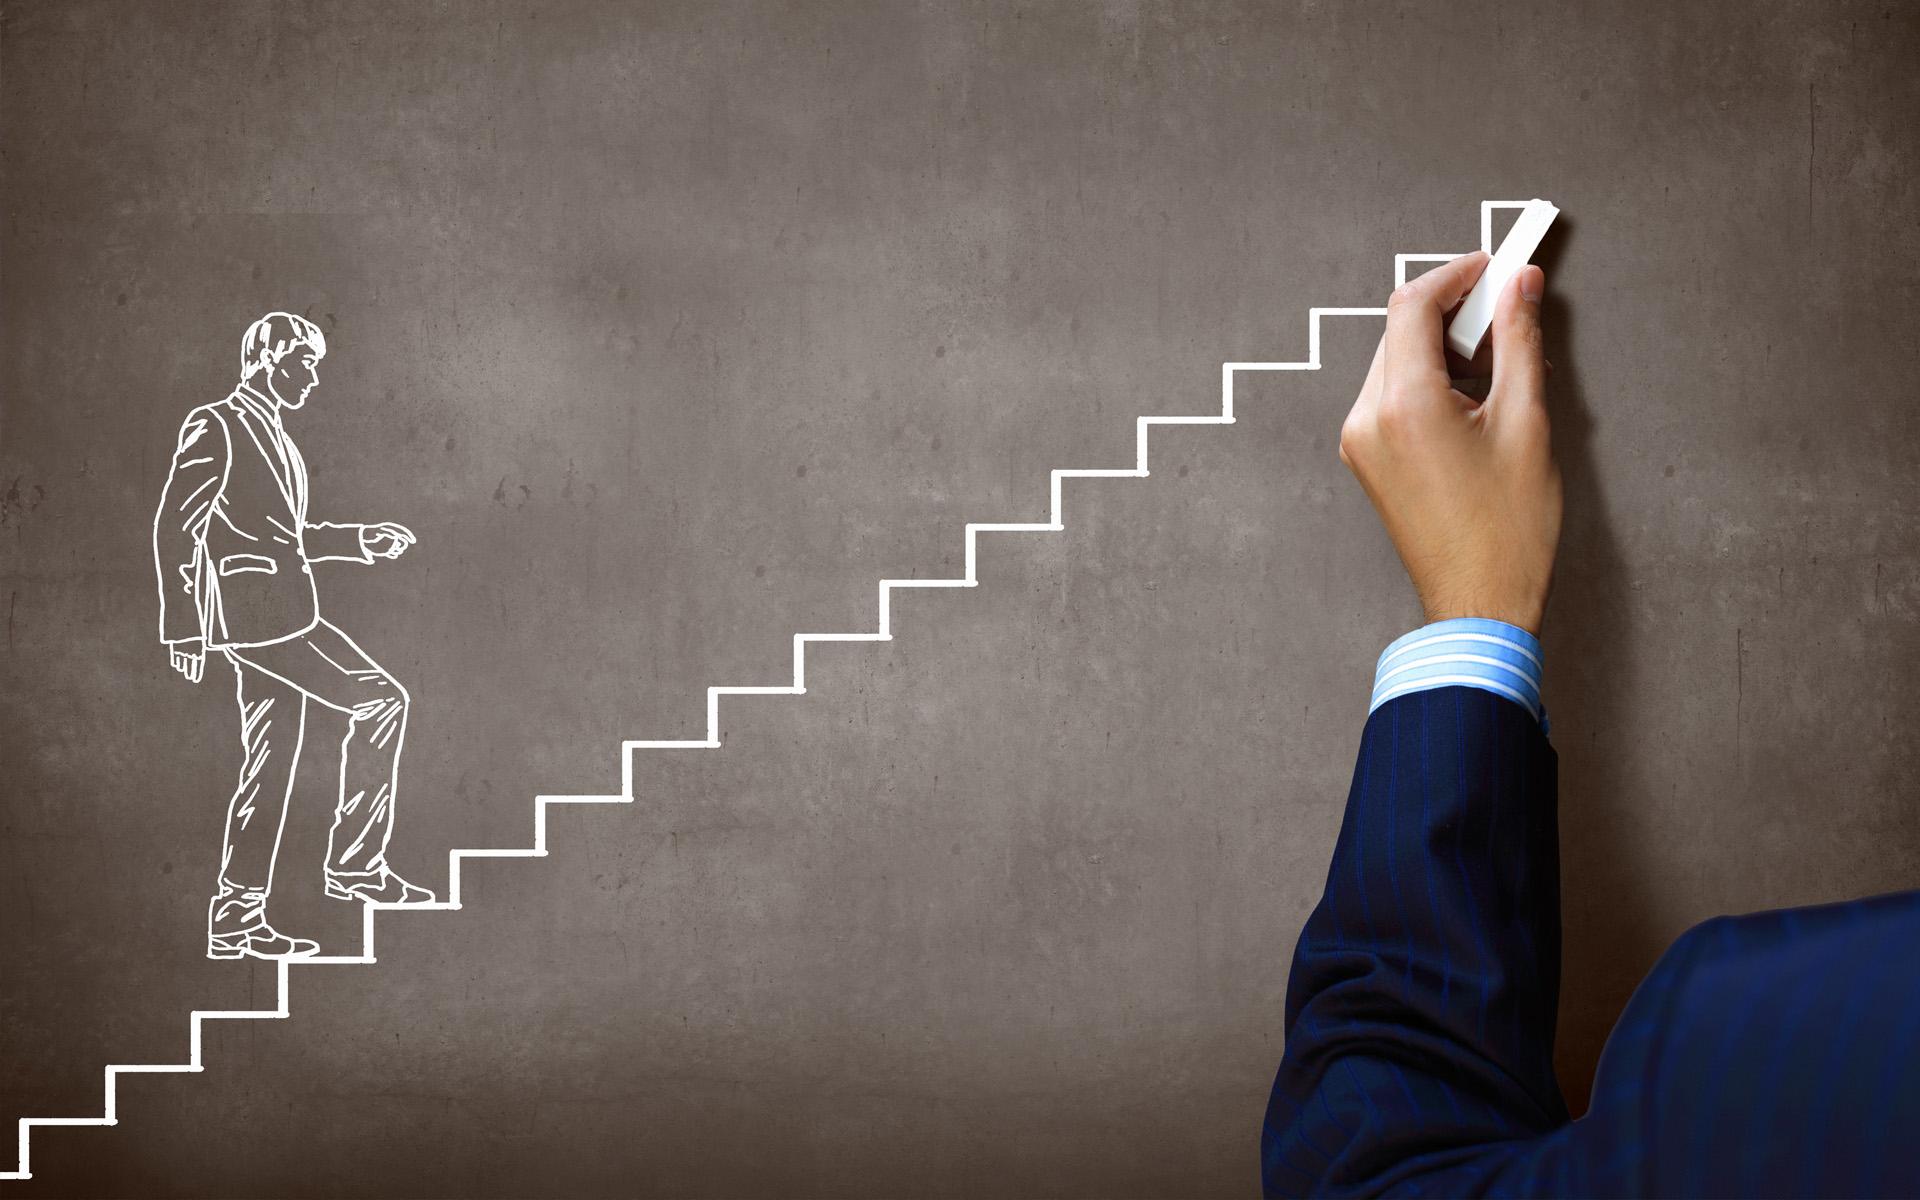 Öğrenci Kariyeri - : Kariyer Değişikliği Yapıp Başarılı Olan 7 Kişi